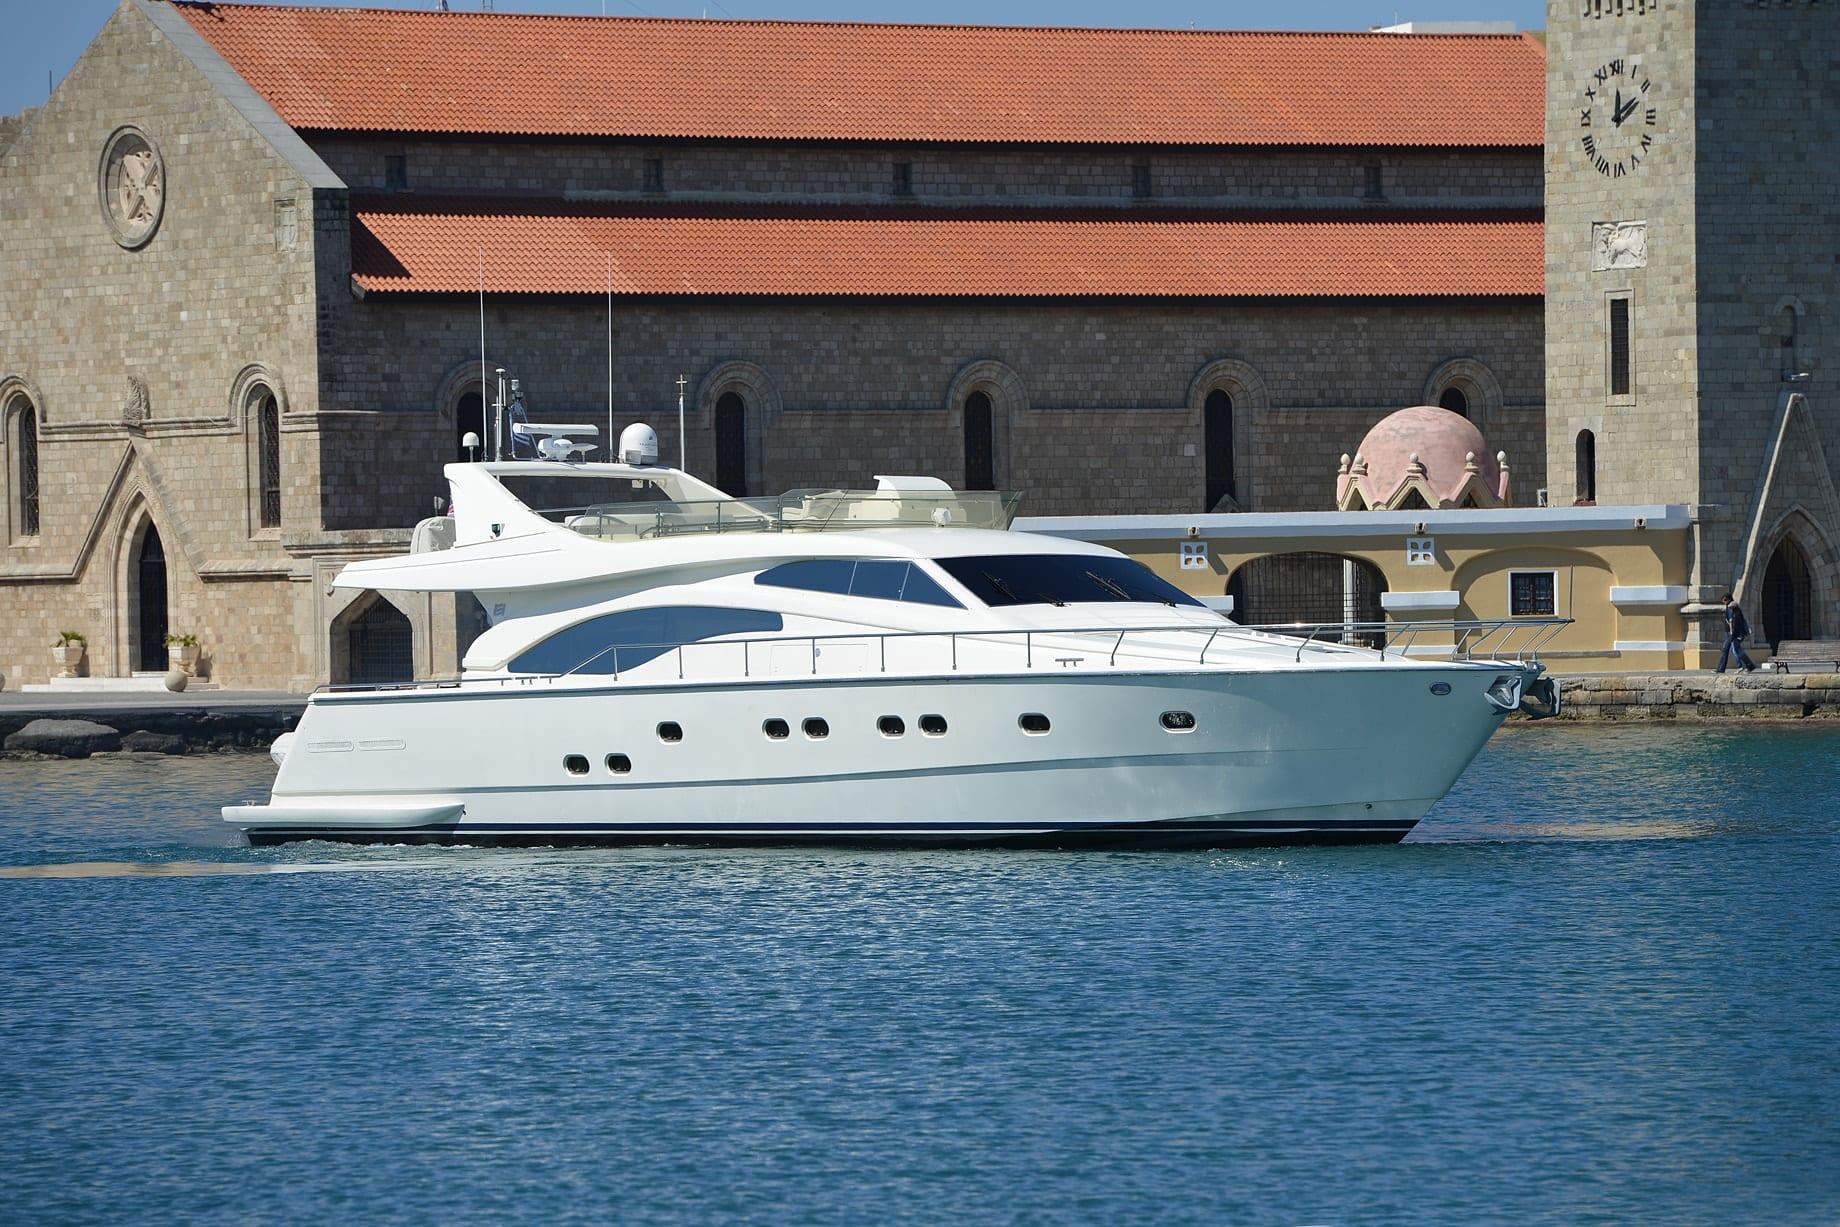 mary motor yacht cruising (2) min -  Valef Yachts Chartering - 1464